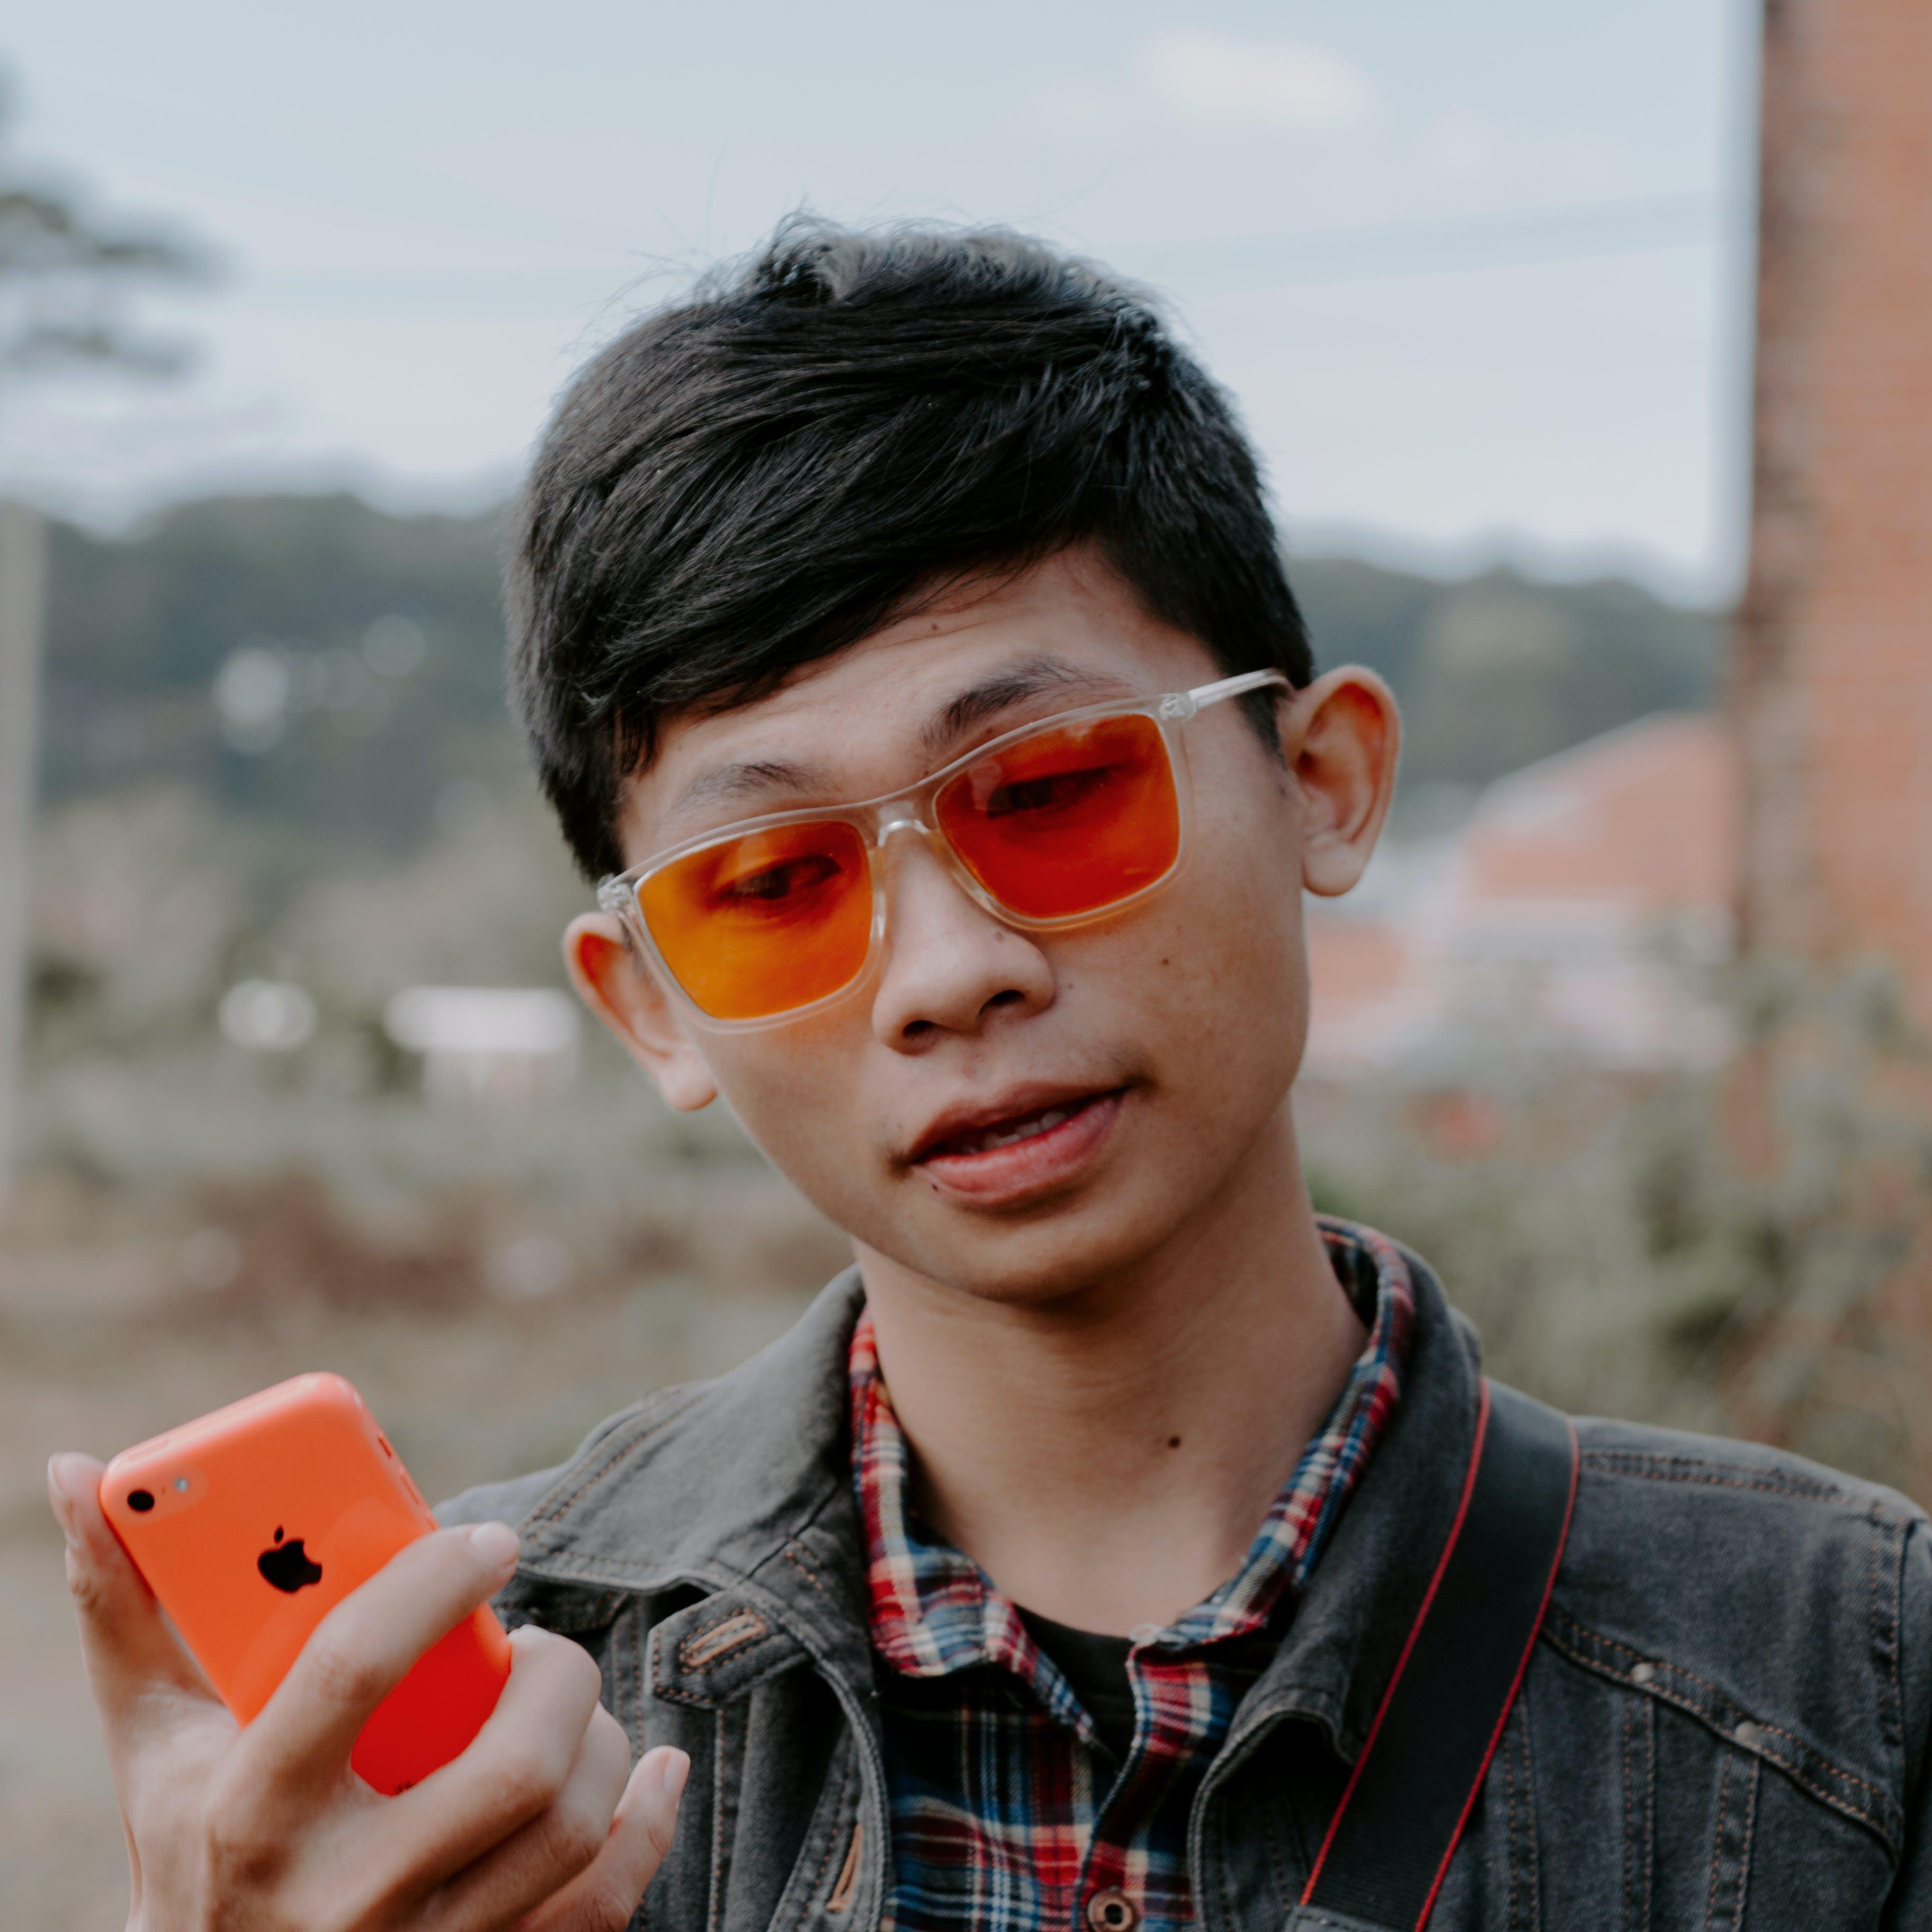 おとこ, アイウェア, アジア人の少年, サングラスの無料の写真素材